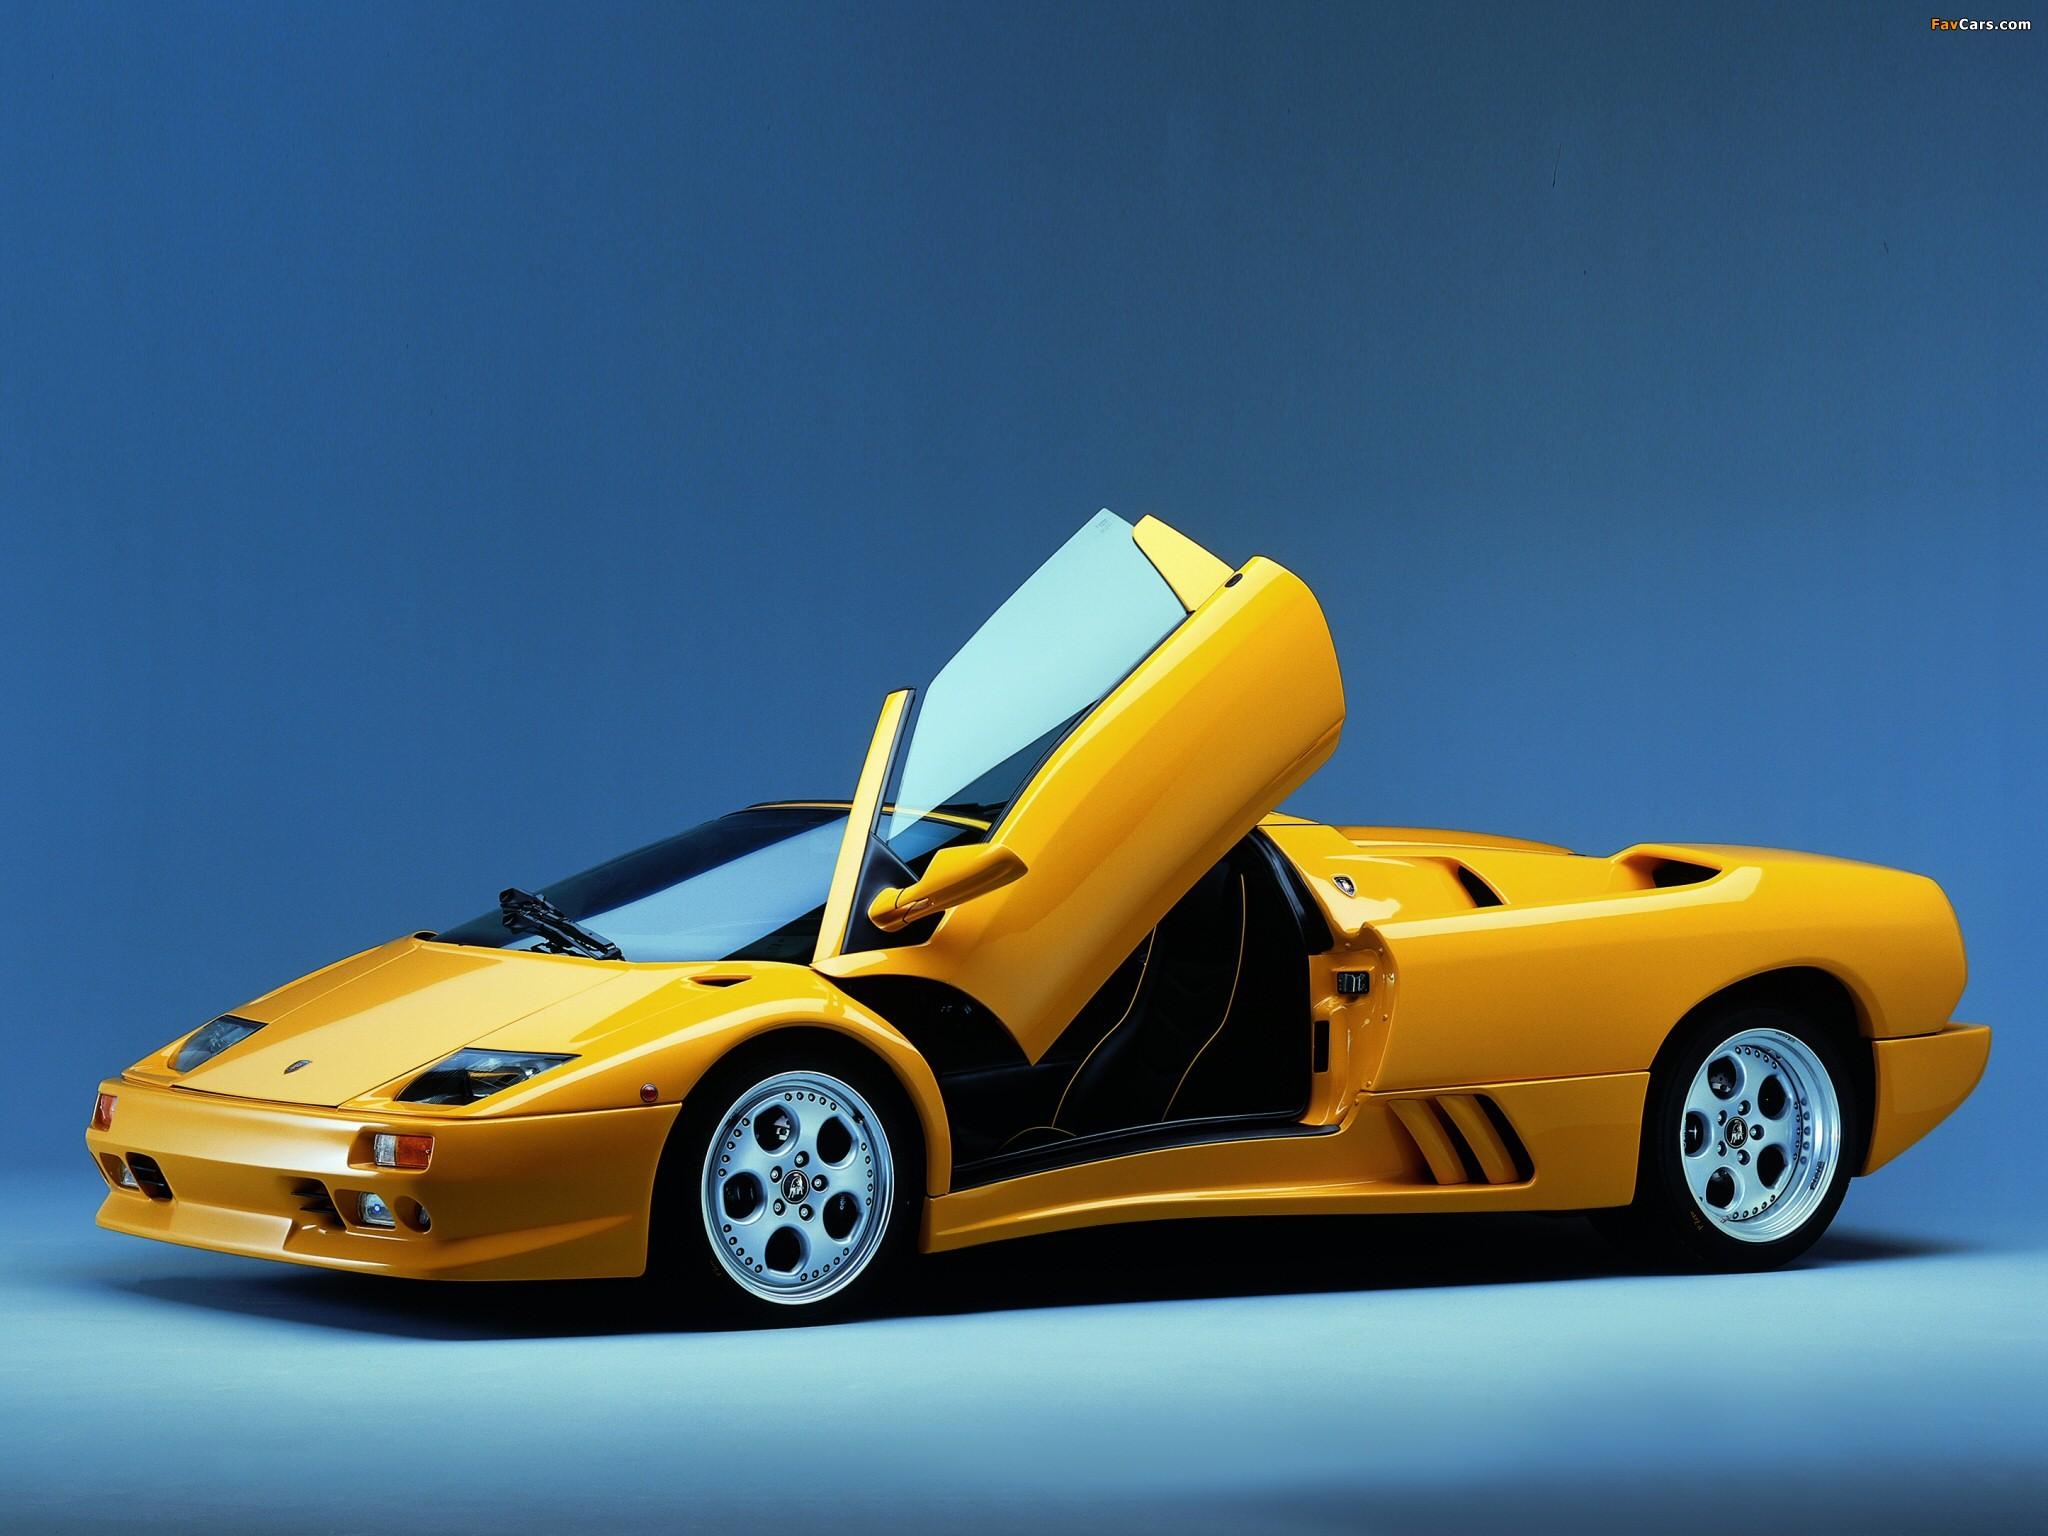 Lamborghini Diablo Vt Roadster Ver  Wallpapers  X